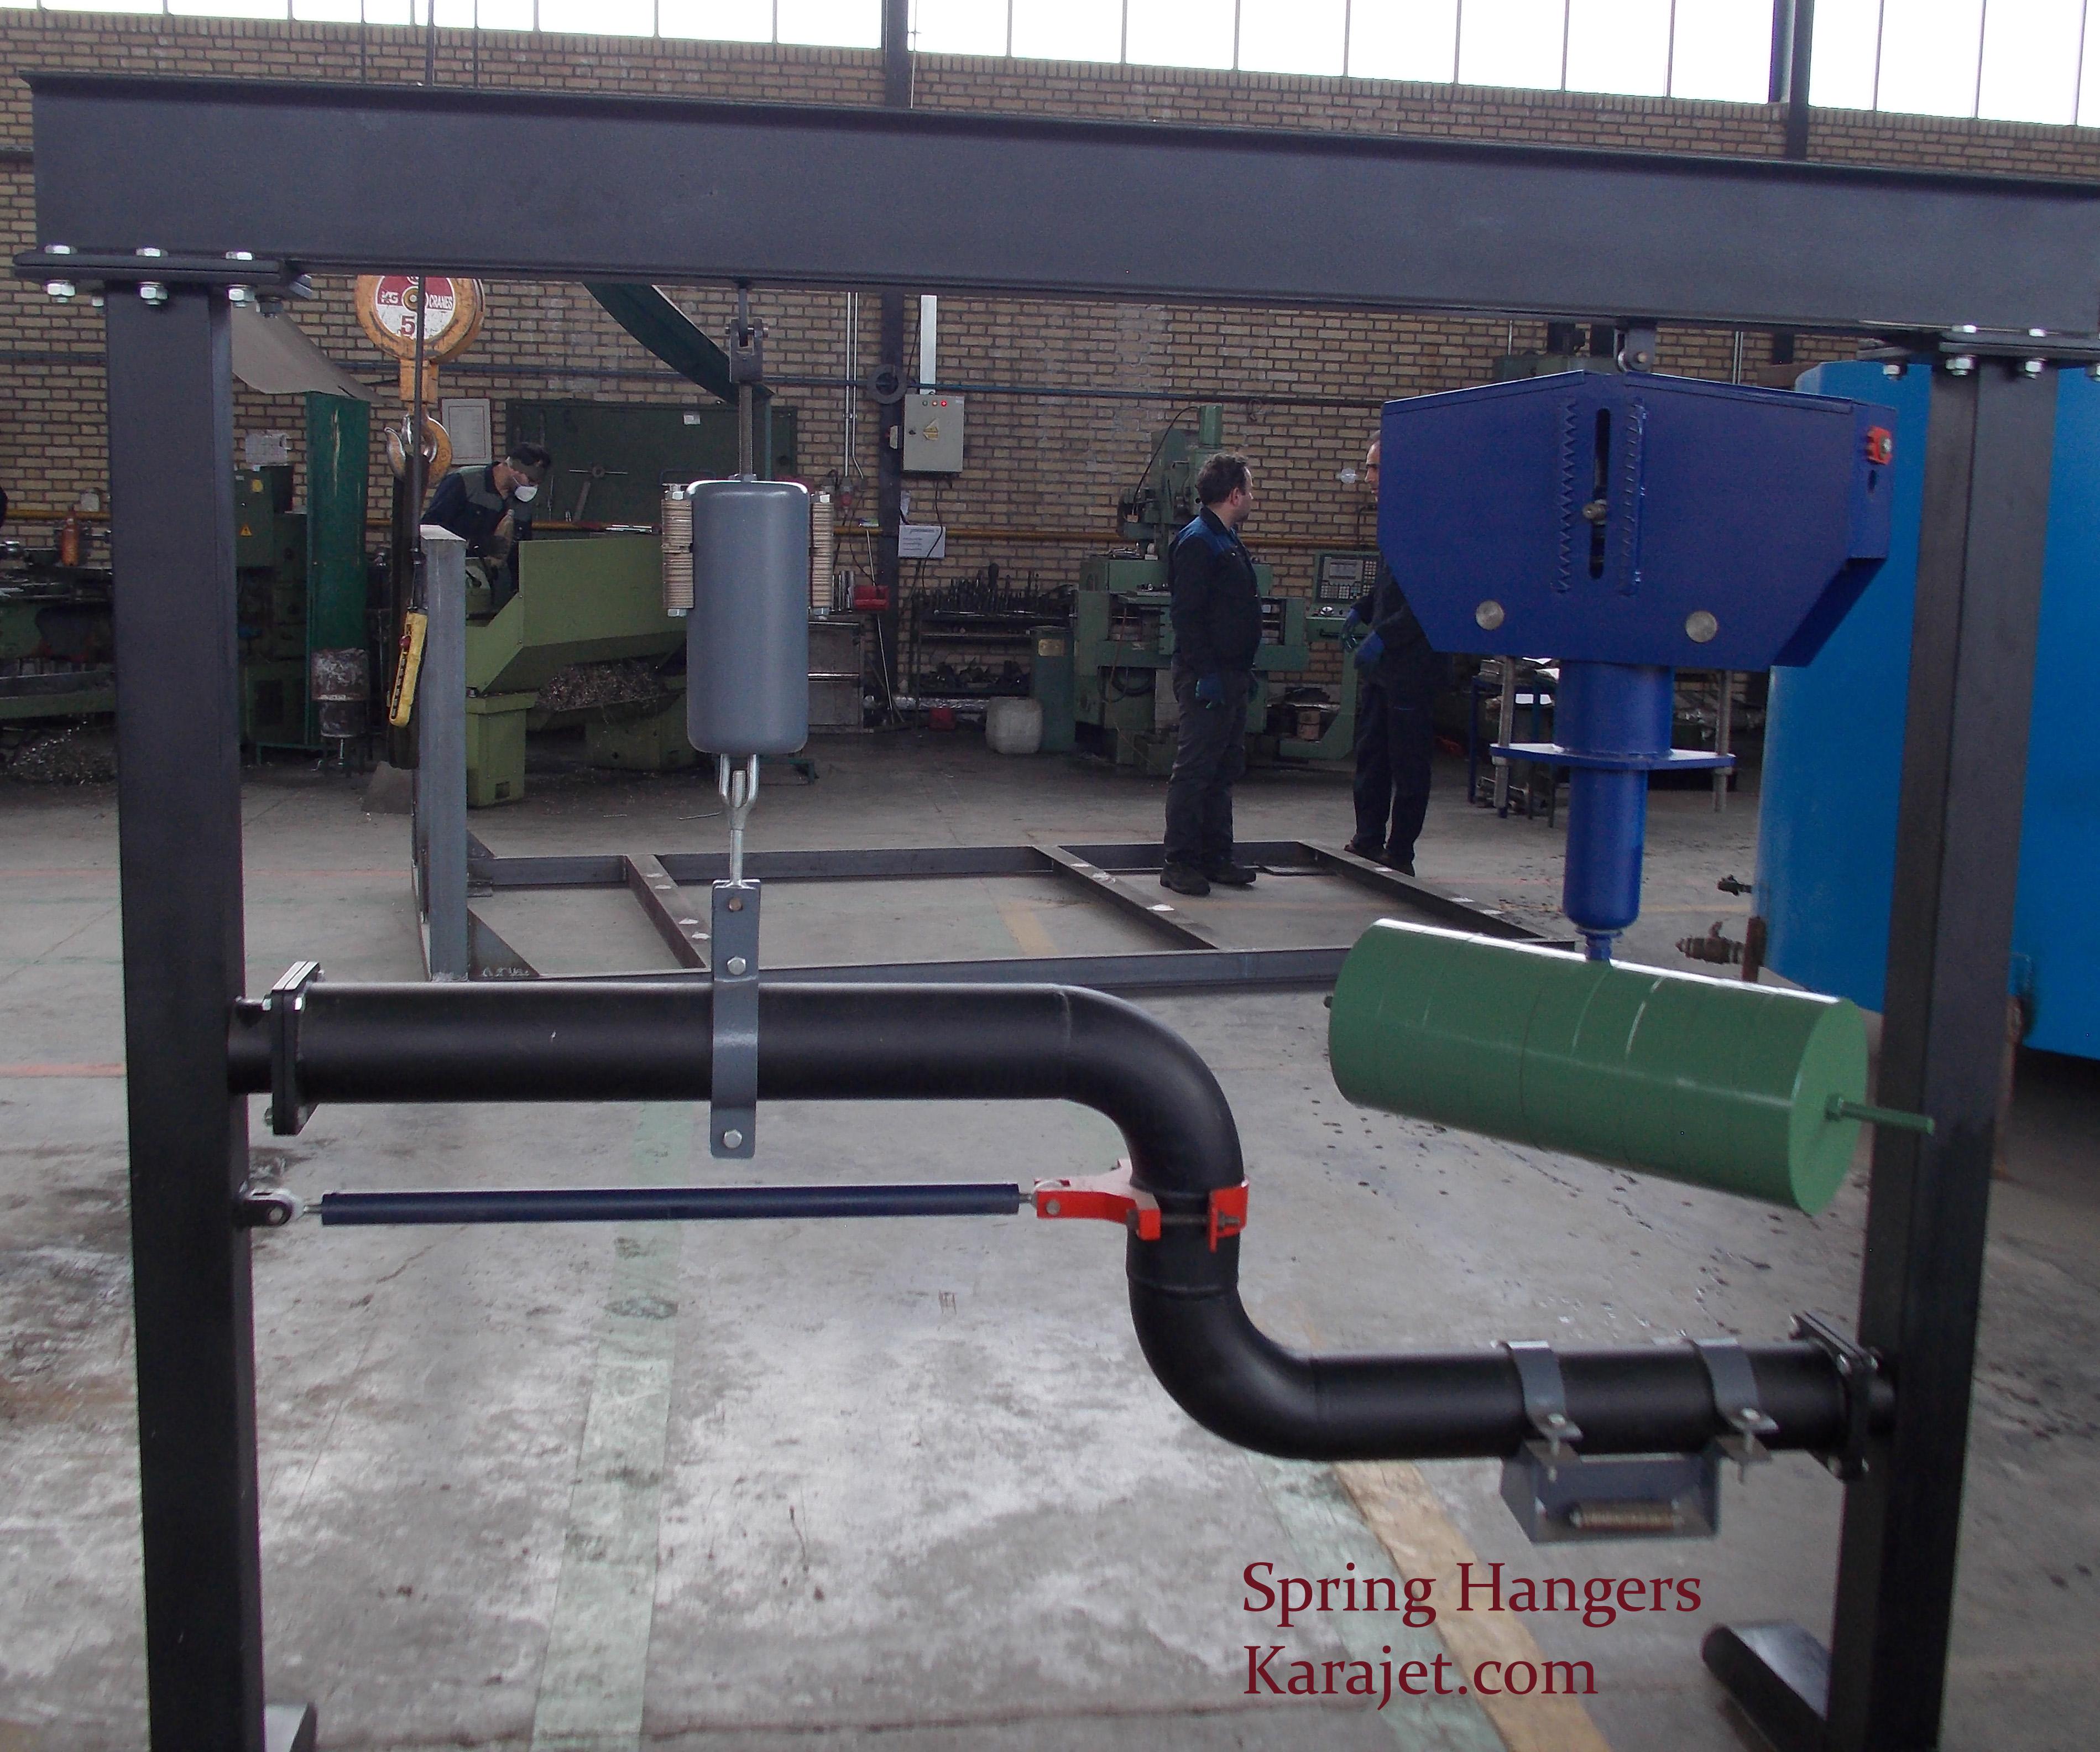 Spring Hanger- Karajet.com